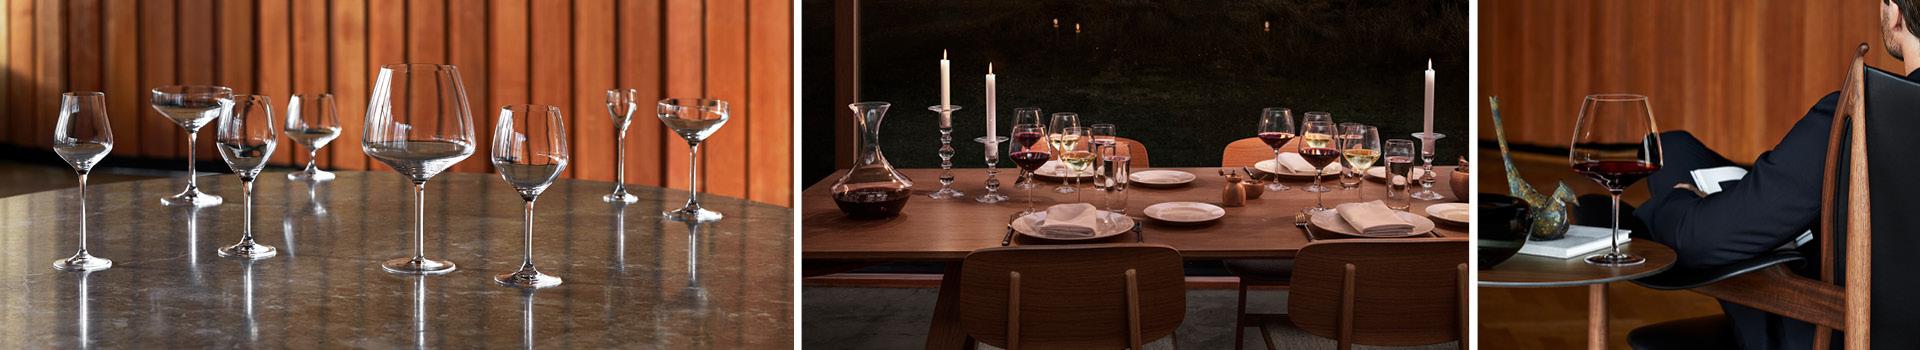 Holmegaard-Perfection-vinglass-d.jpg